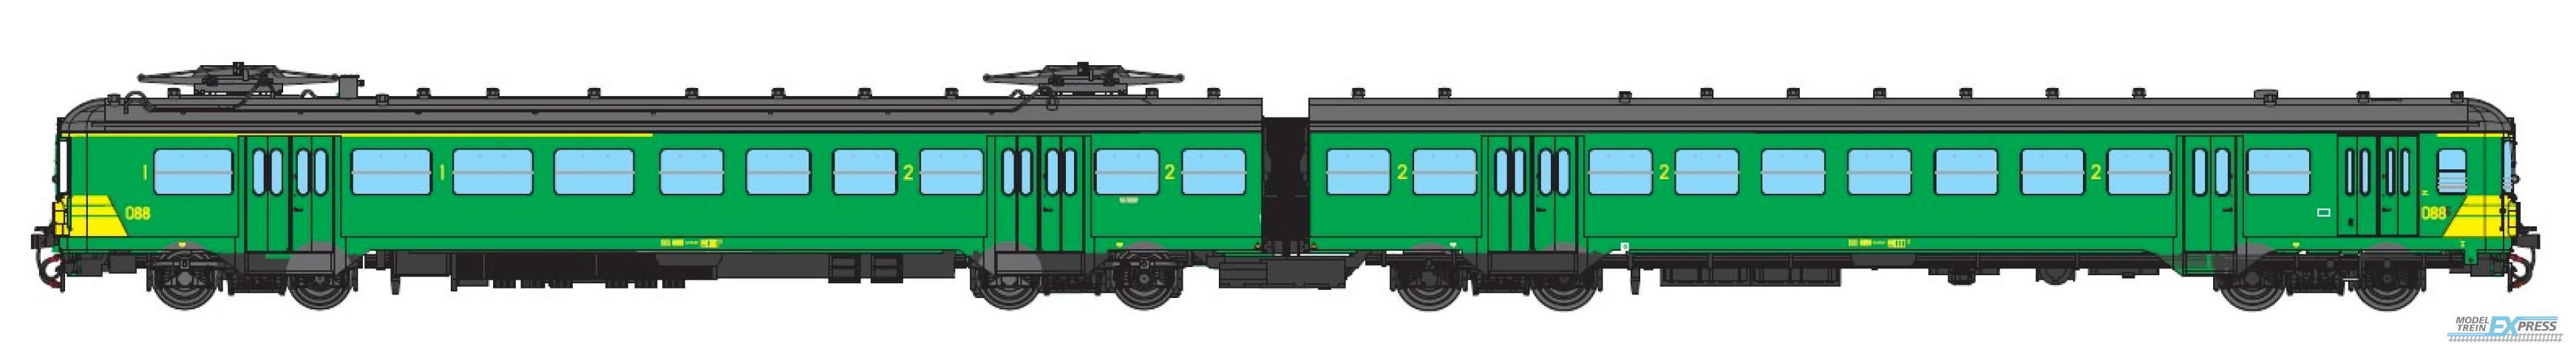 B-Models 7003.05